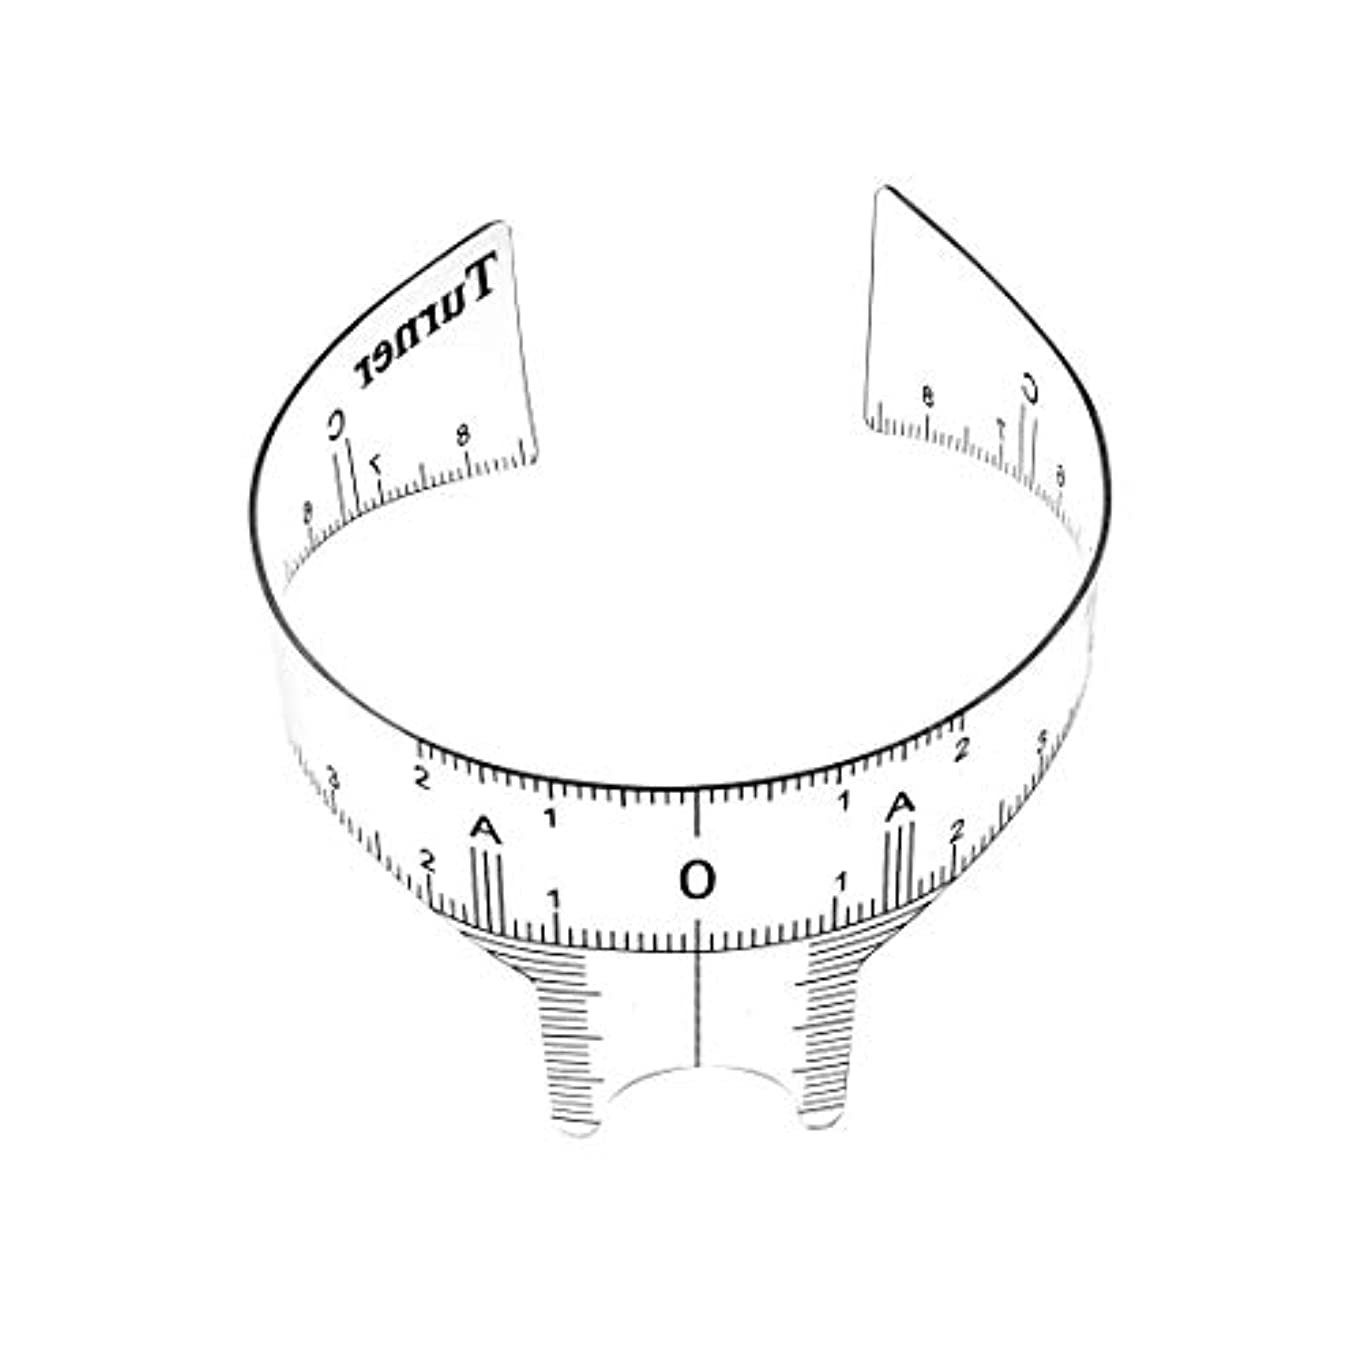 食器棚舗装するピカソuxcell ガイド定規 眉毛グルーミングステンシルシェーパー 測定ツール メイクアップ再利用可能